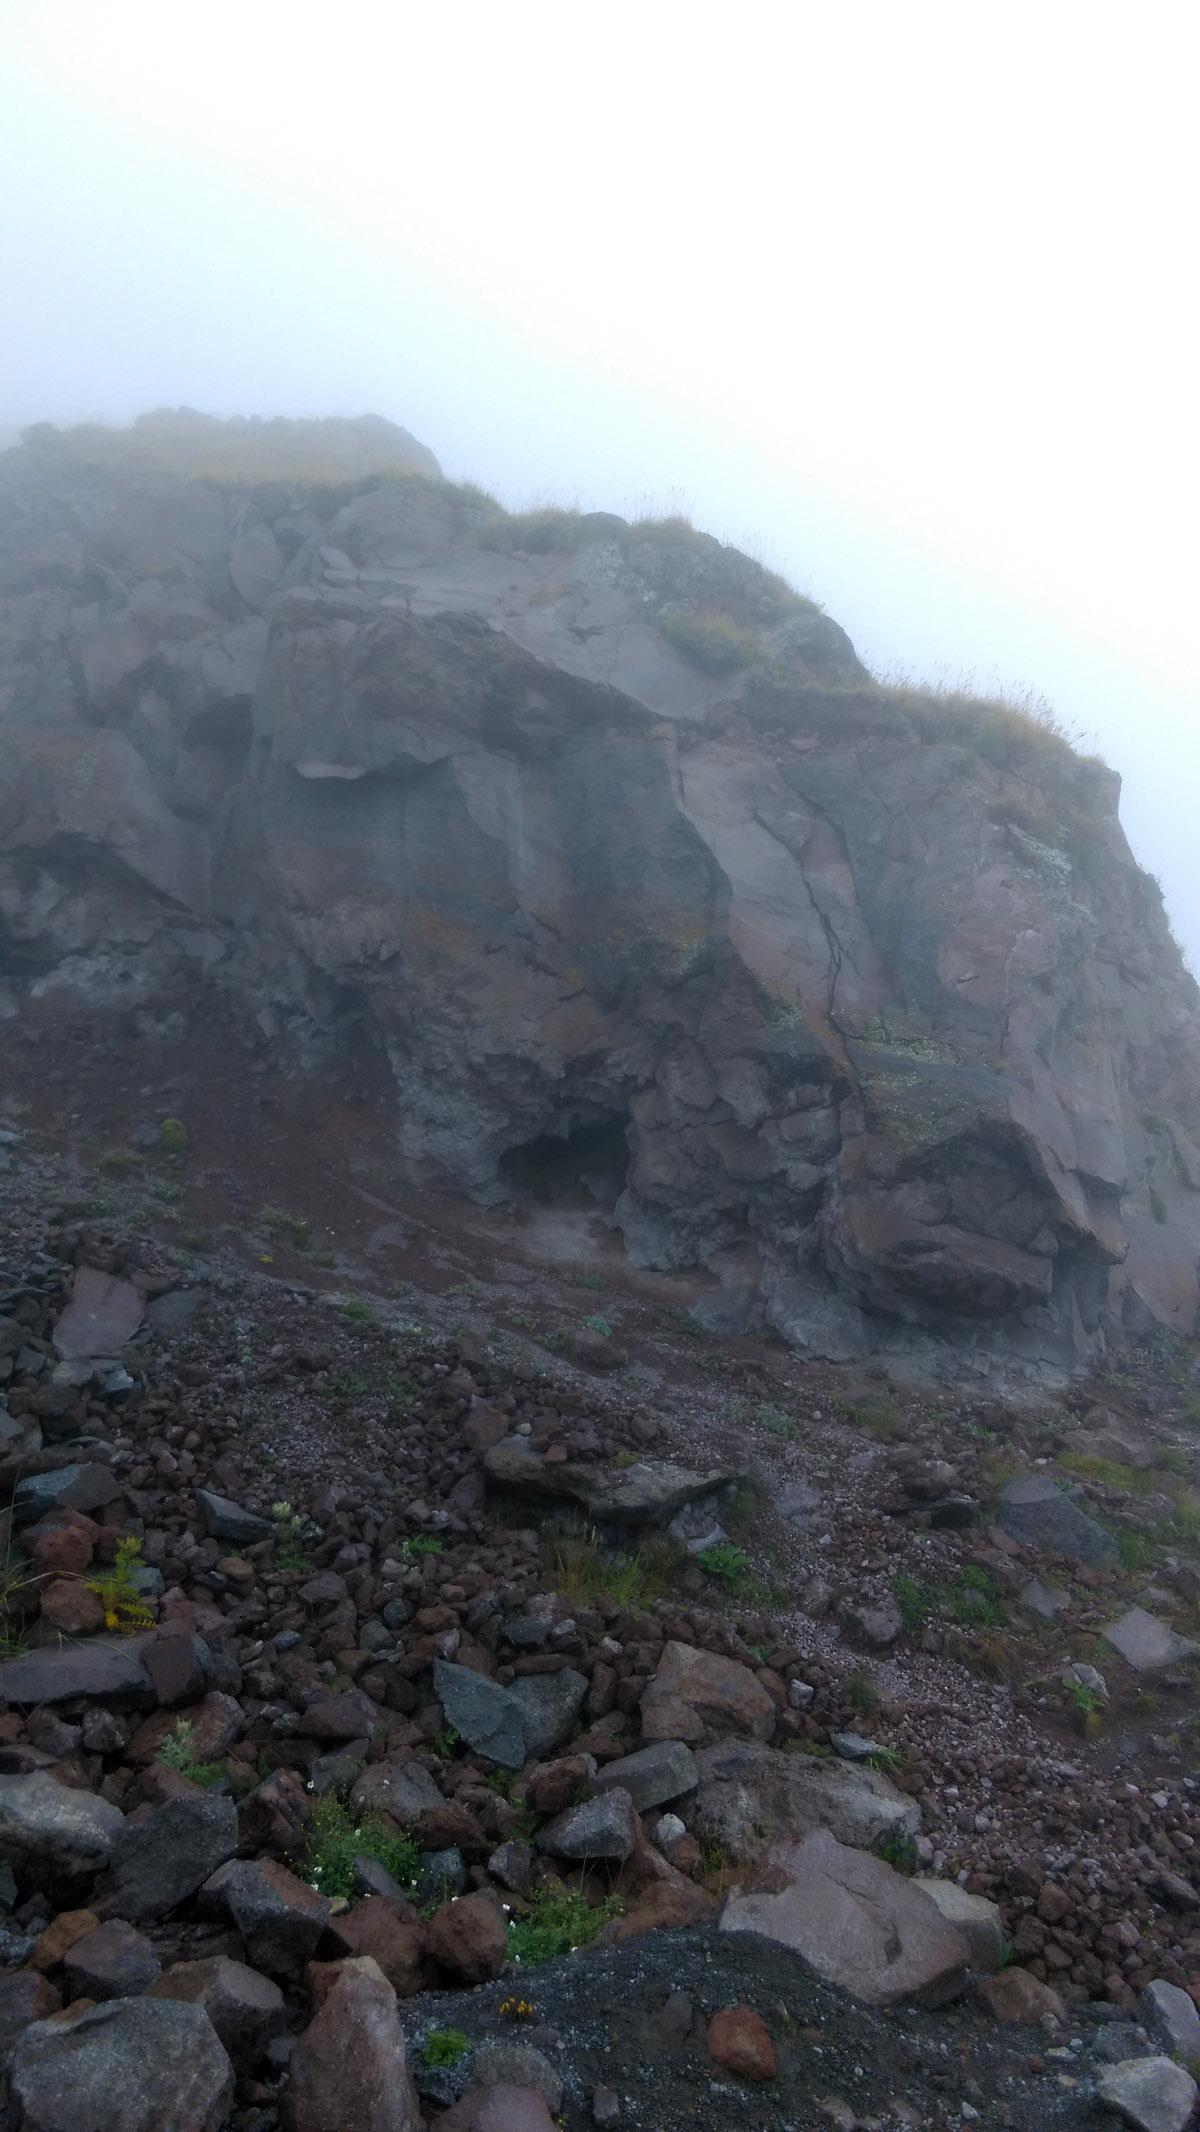 С каждым шагом идти становилось все труднее. Температура падала, влажность около 100процентов. Туман все гуще. Накрапывал дождь, но к счастью, без сильного ветра. Впрочем, холодно мне точно не было.